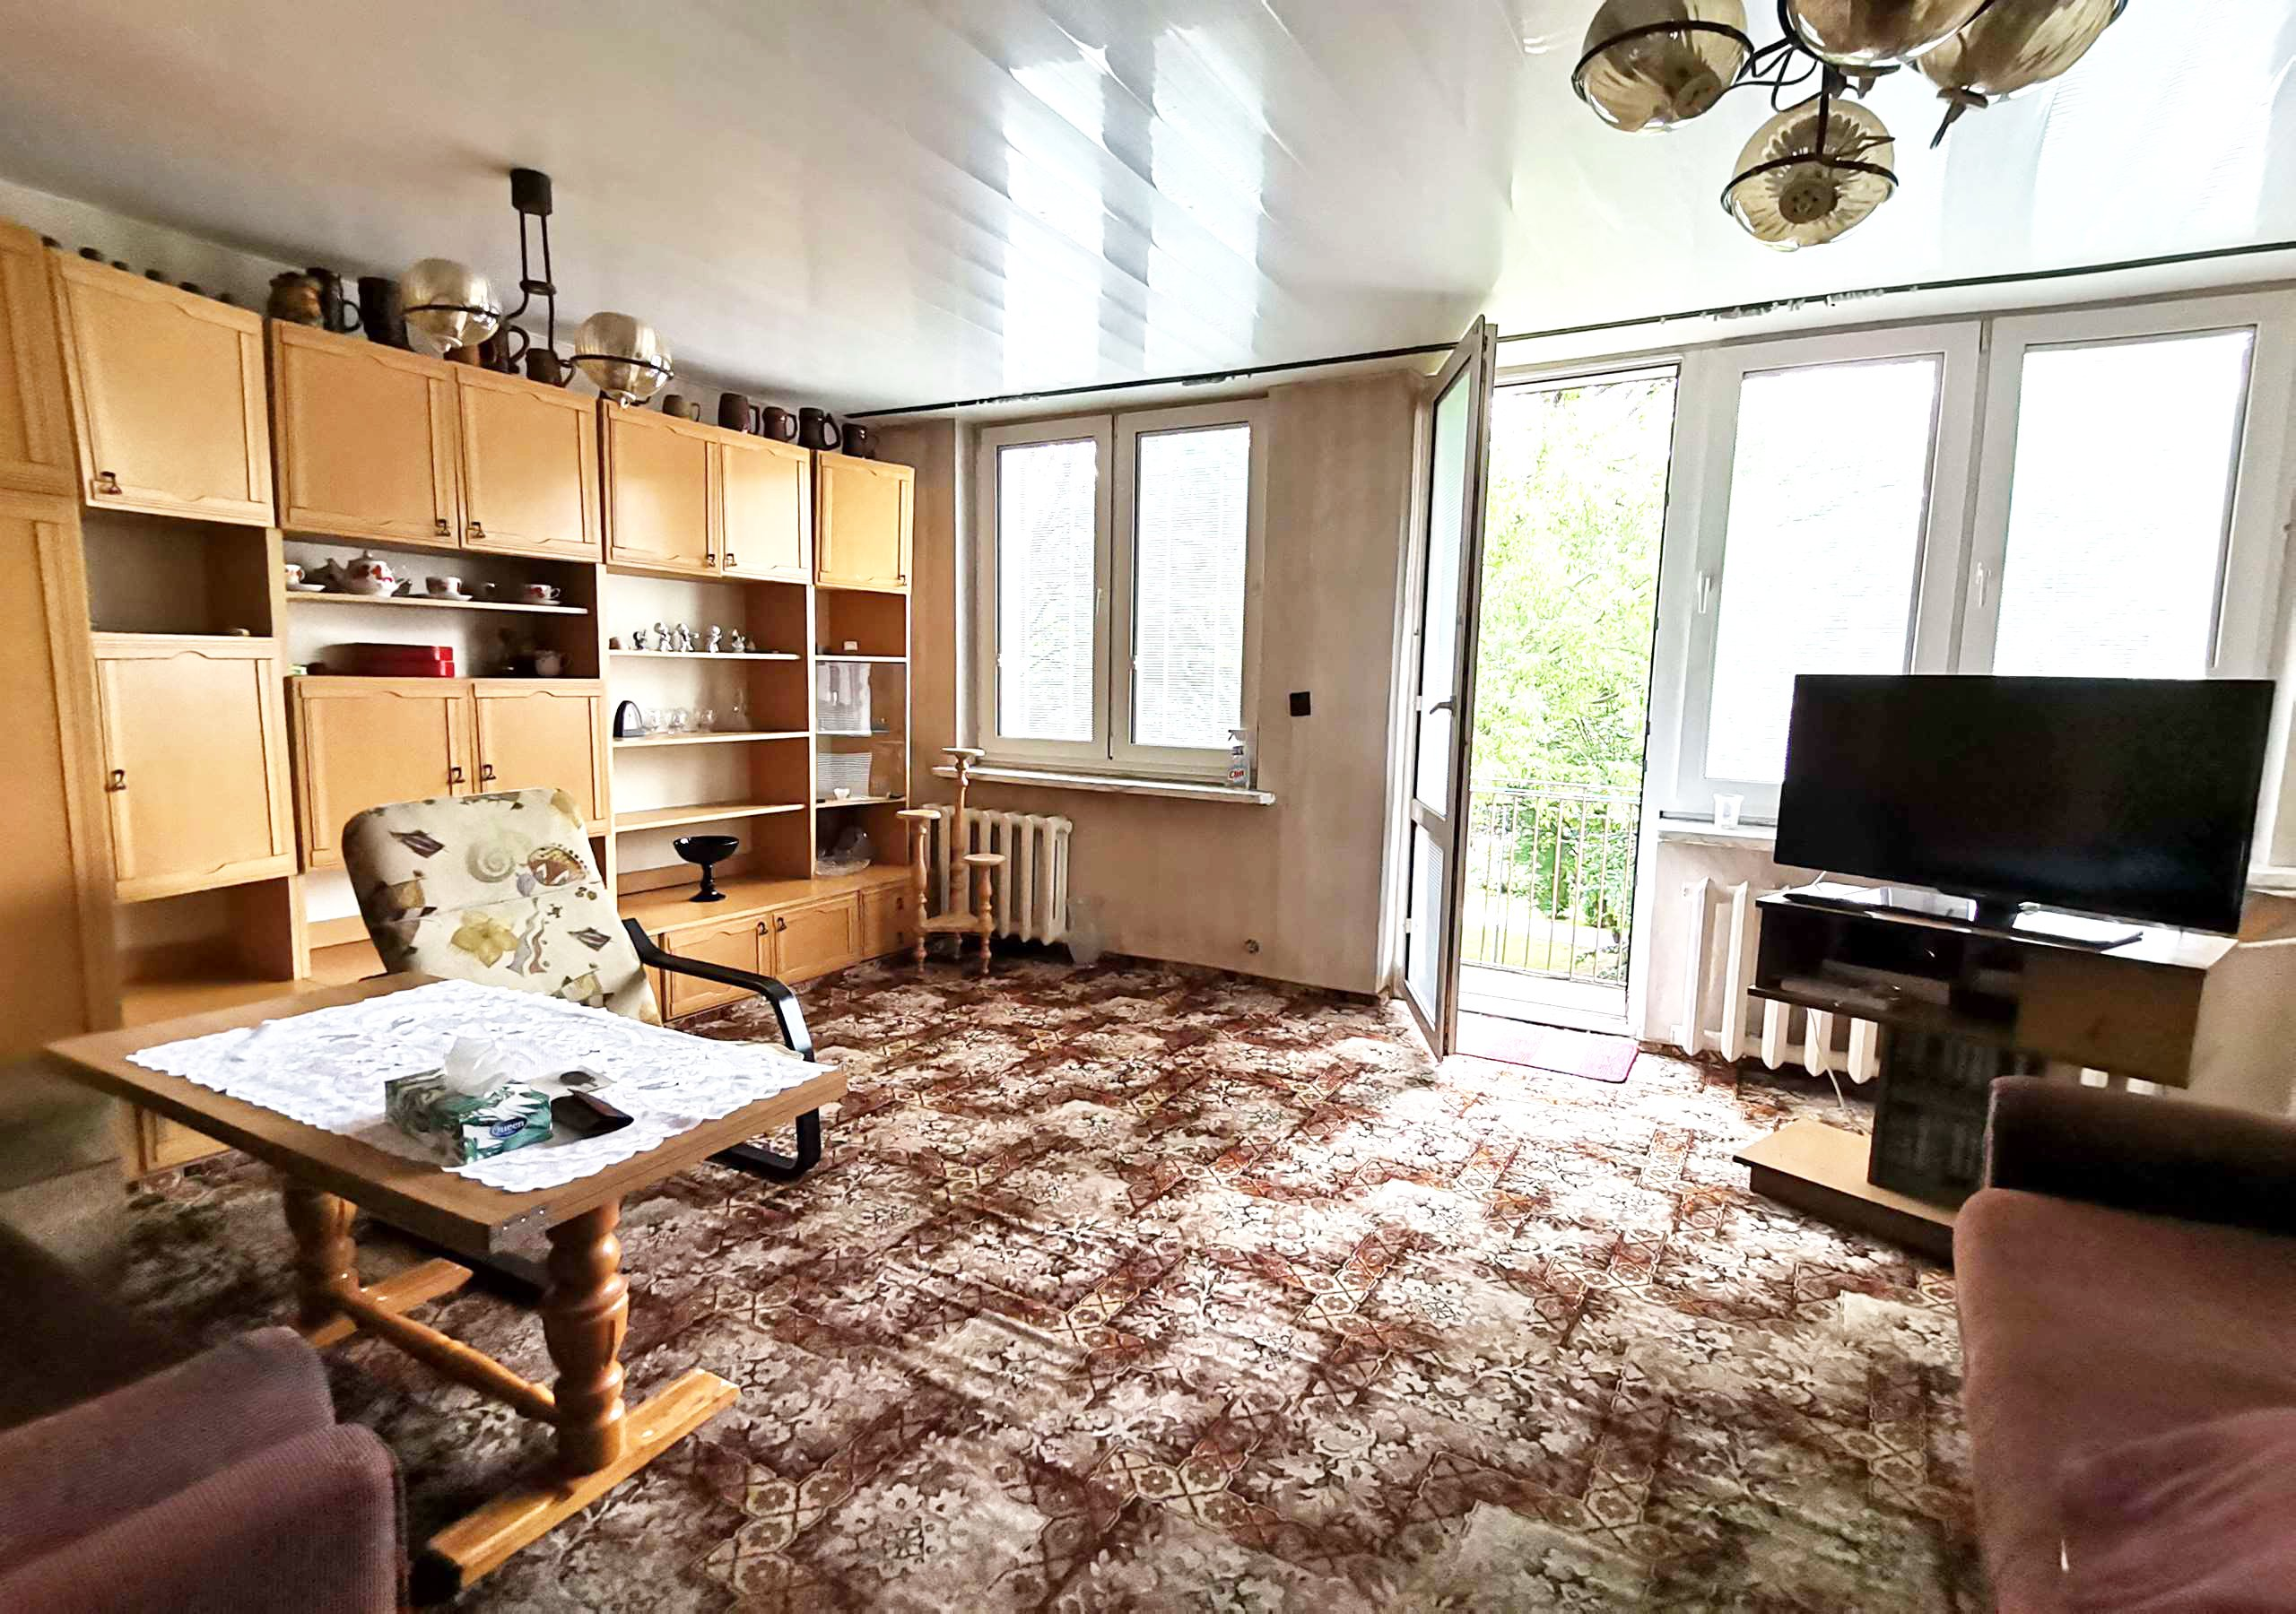 mieszkanie zamosc sprzedaz - mieszkanie na sprzedaż - Krzysztof Górski Nieruchomości Zamość